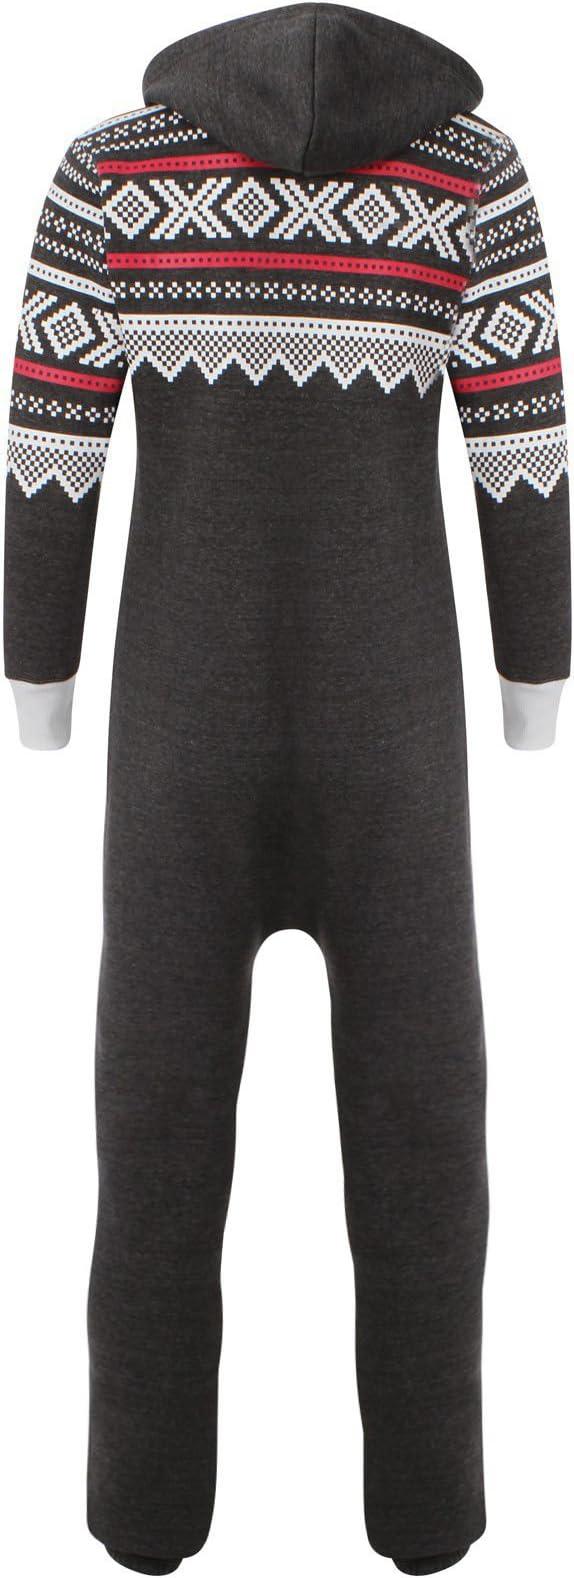 Fashion Kinder Jungen M/ädchen Unisex Plain Strampler mit Kapuze In einem Jumpsuit Gr/ö/ßen 7-14 Jahre Black /& grau